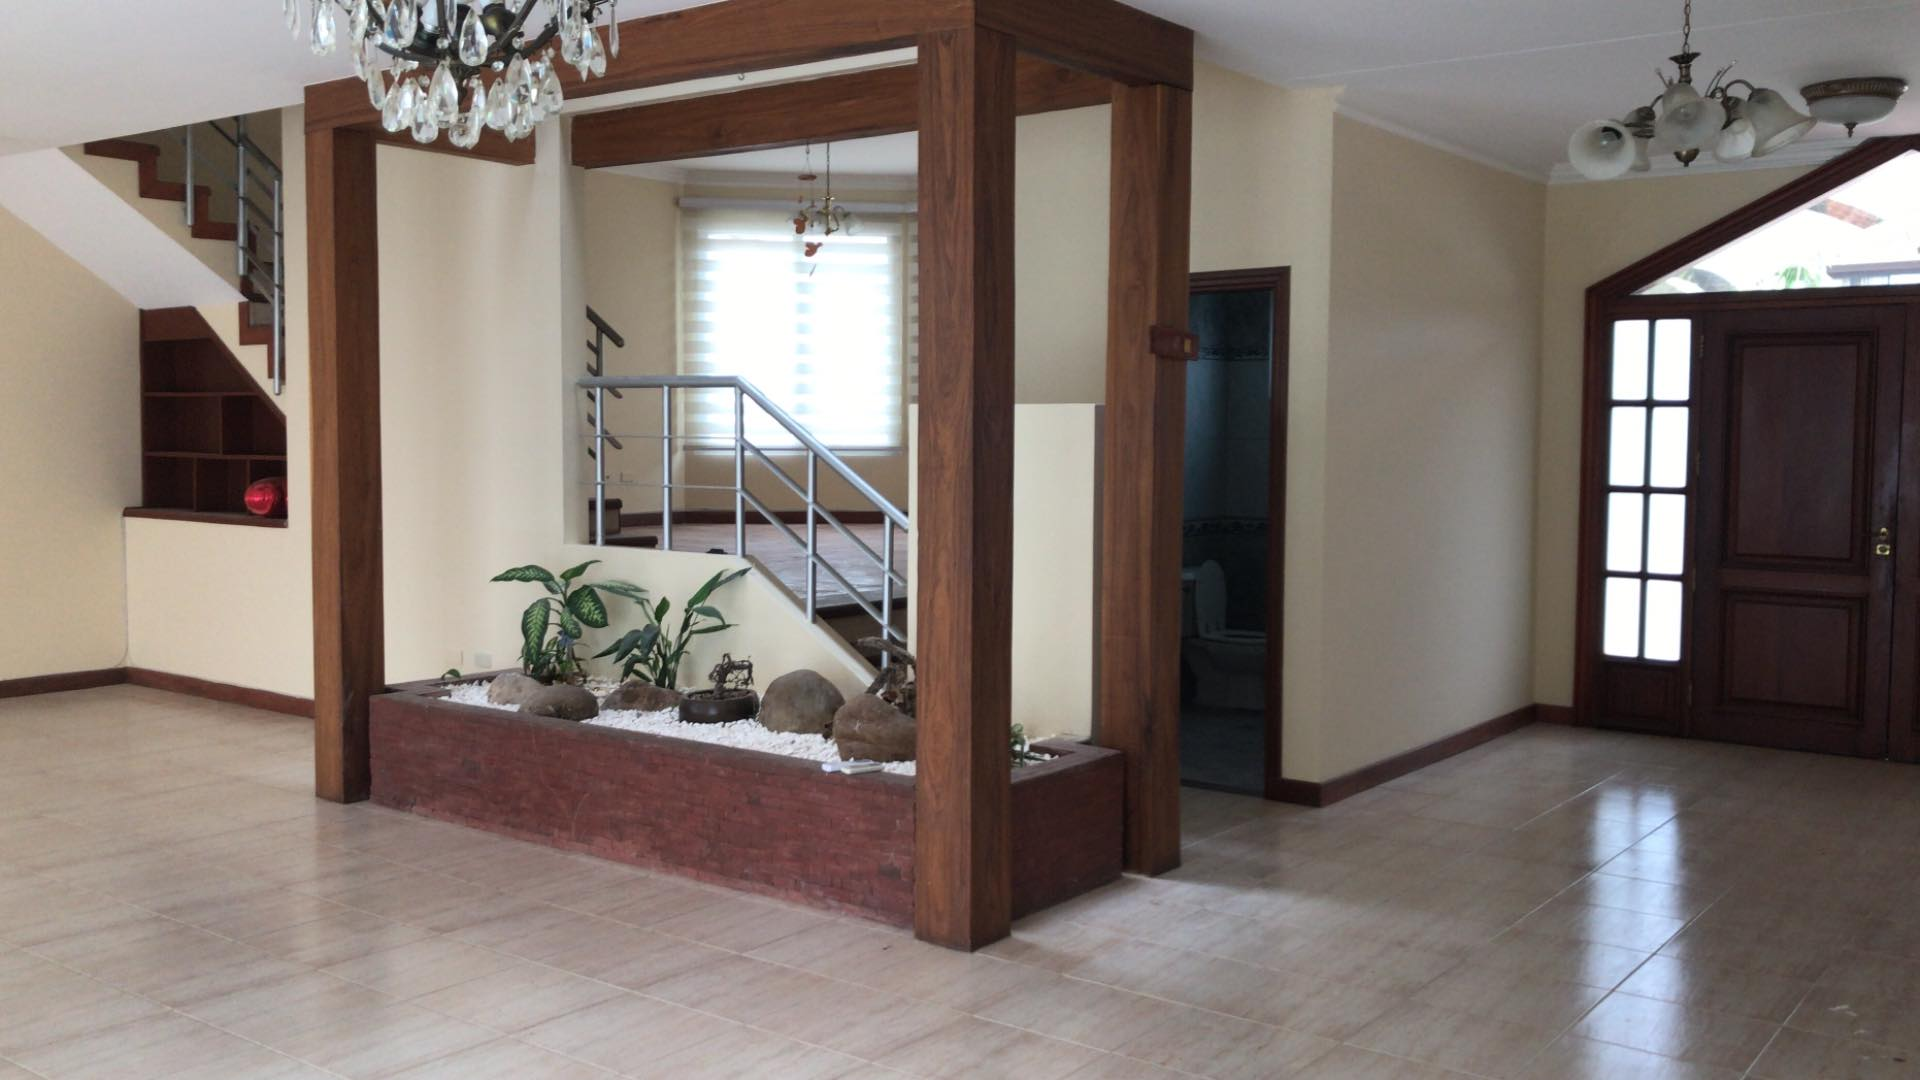 Casa en Alquiler Av. Banzer 4to anillo lado de Las Brisas Foto 6